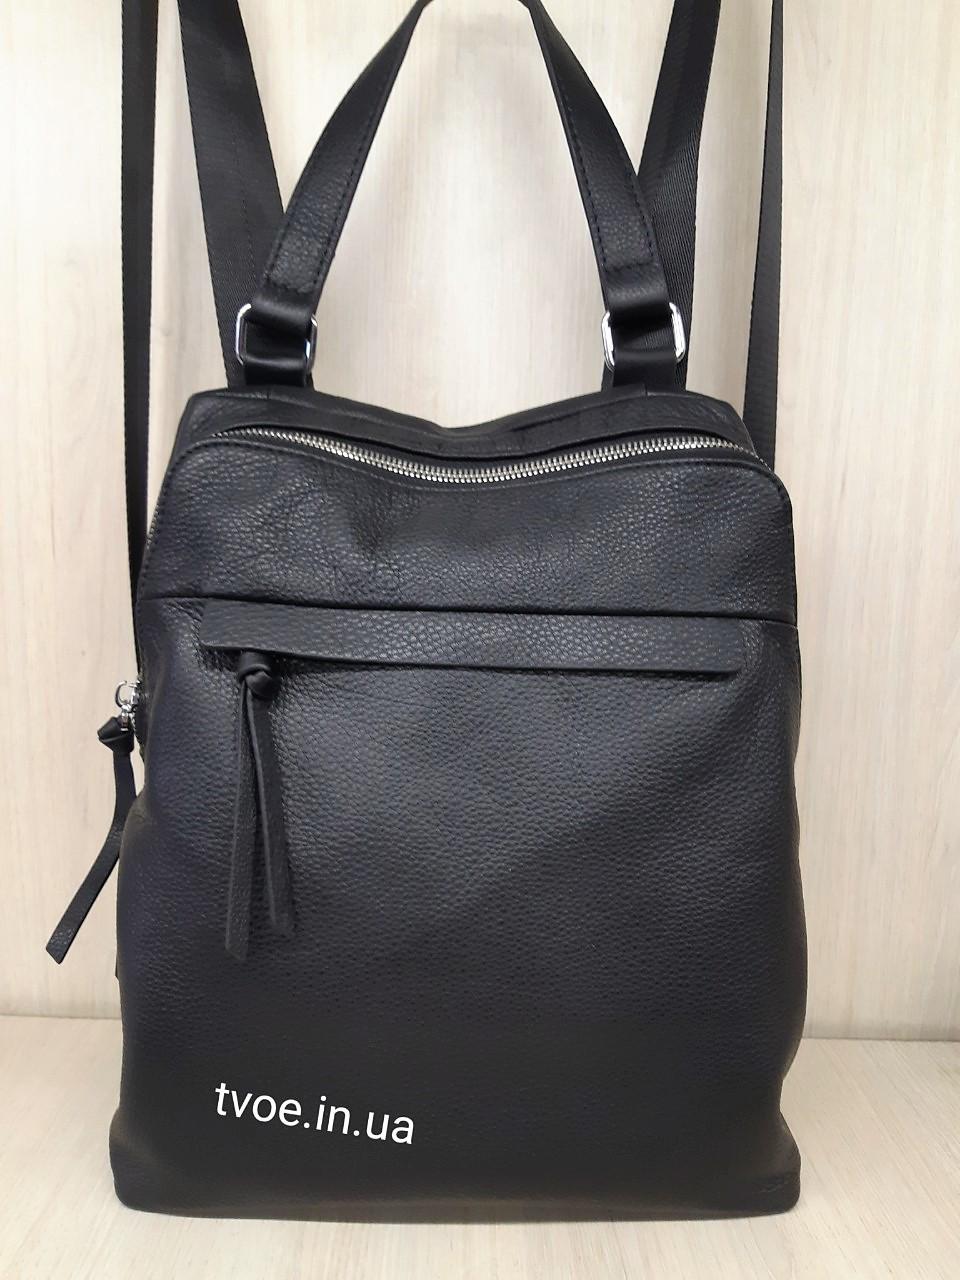 fc1fc2d8 Женский качественный городской рюкзак-сумка - Интернет-магазин